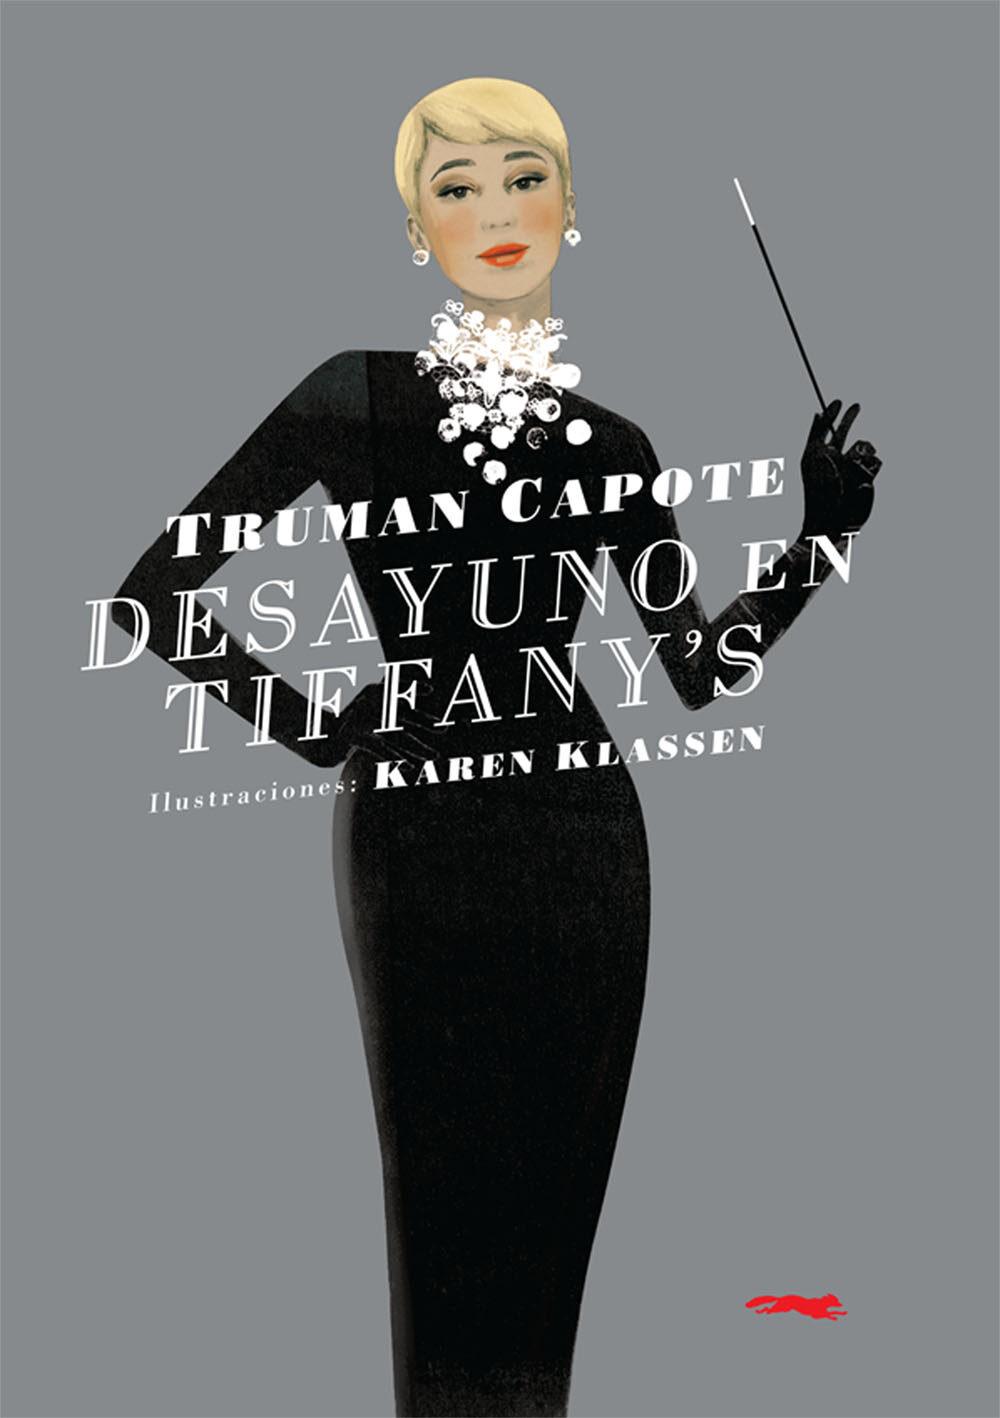 Resultado de imagen de DESAYUNO EN TIFFANY'S de Truman Capote.